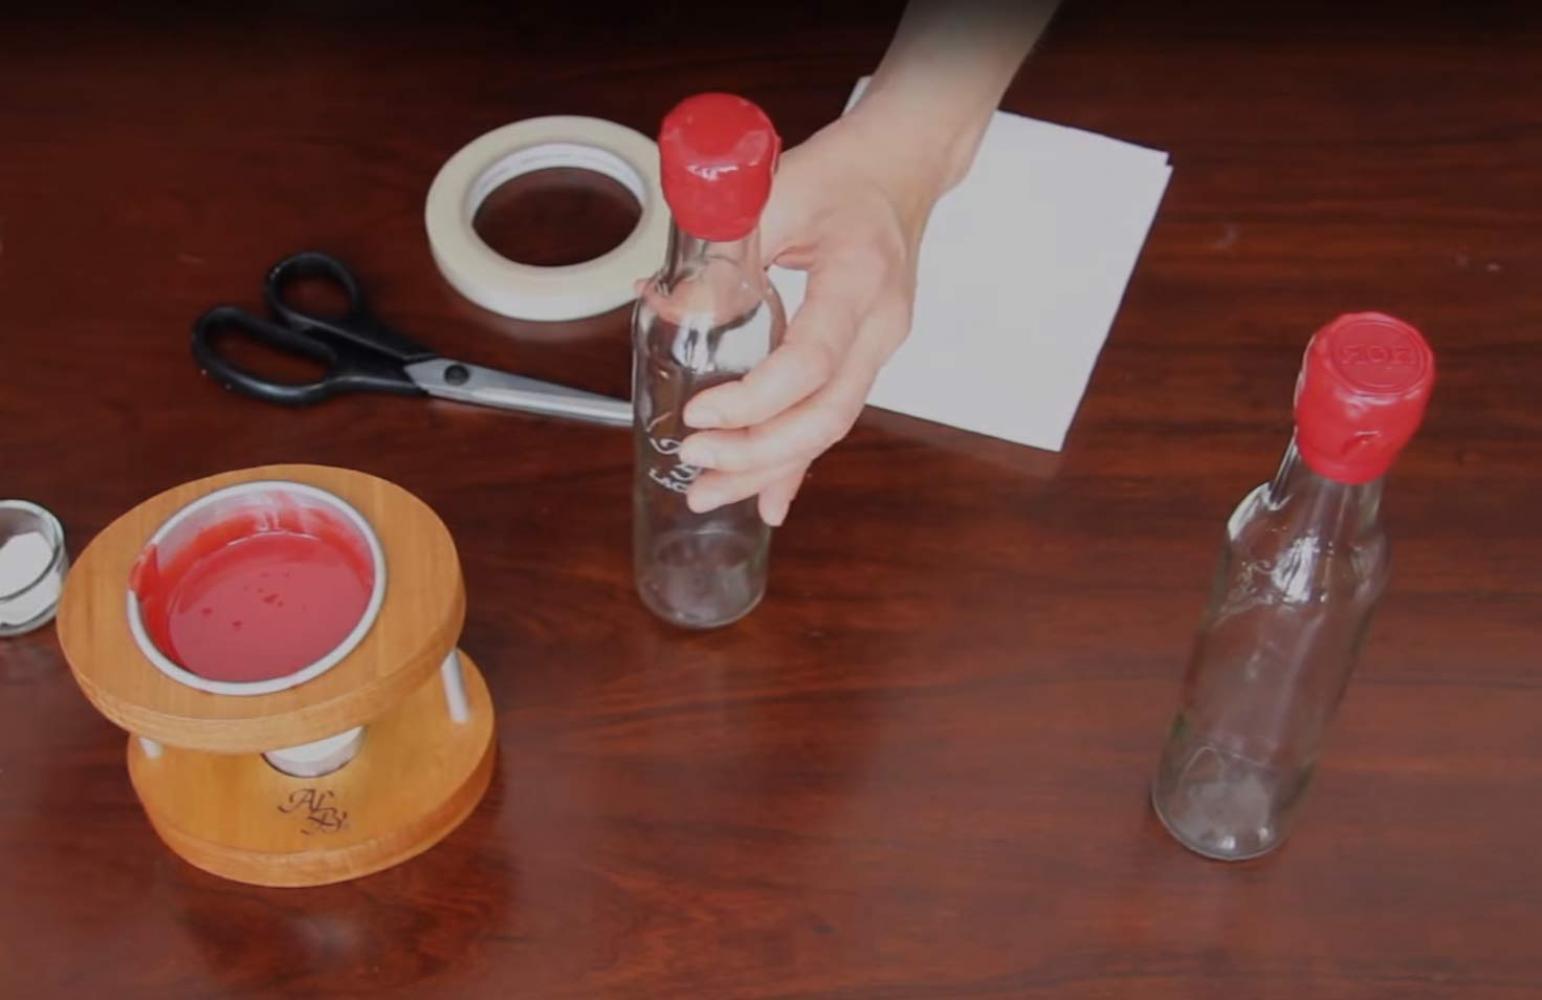 Cómo lacrar botellas con un lacrador personal